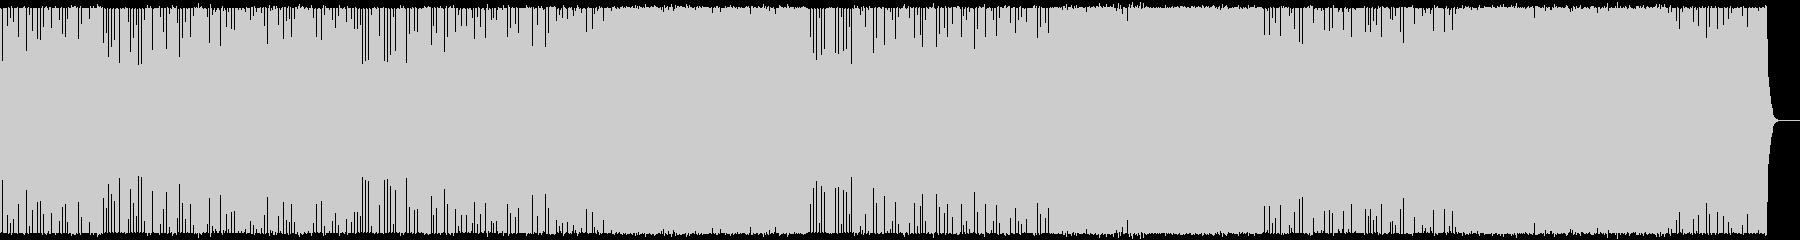 クラブ/テクノ/DJ/パーティー/#1の未再生の波形